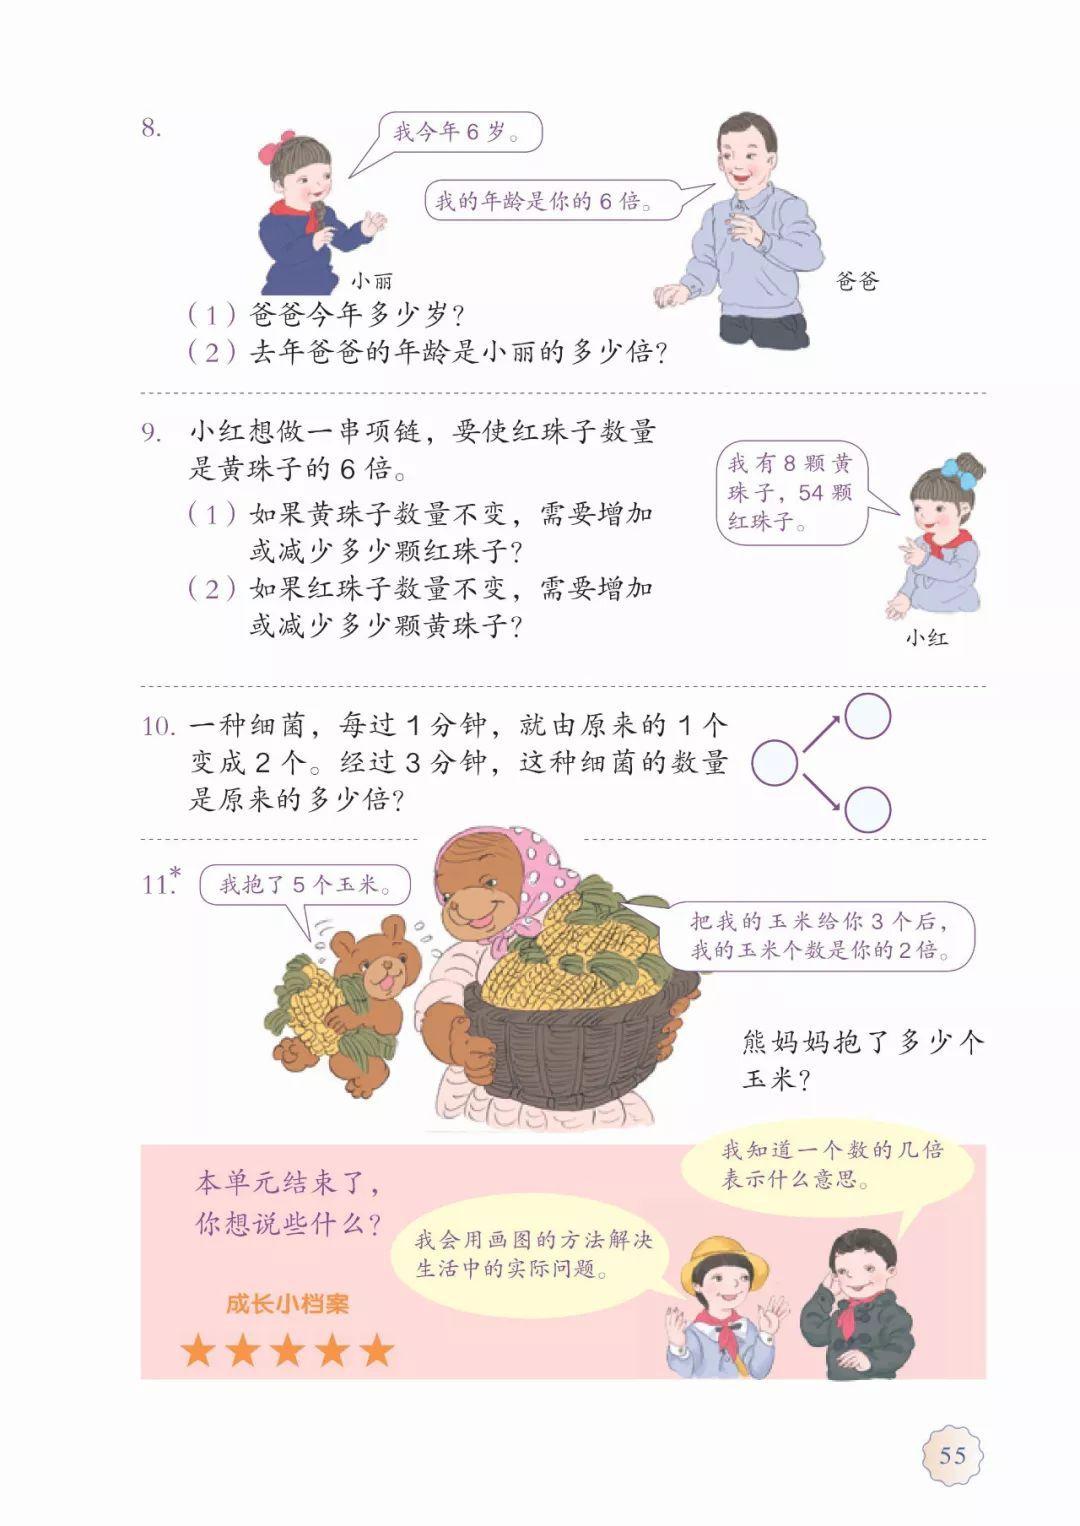 人教版小学数学三年级上册电子课本(高清版)_手机搜狐网